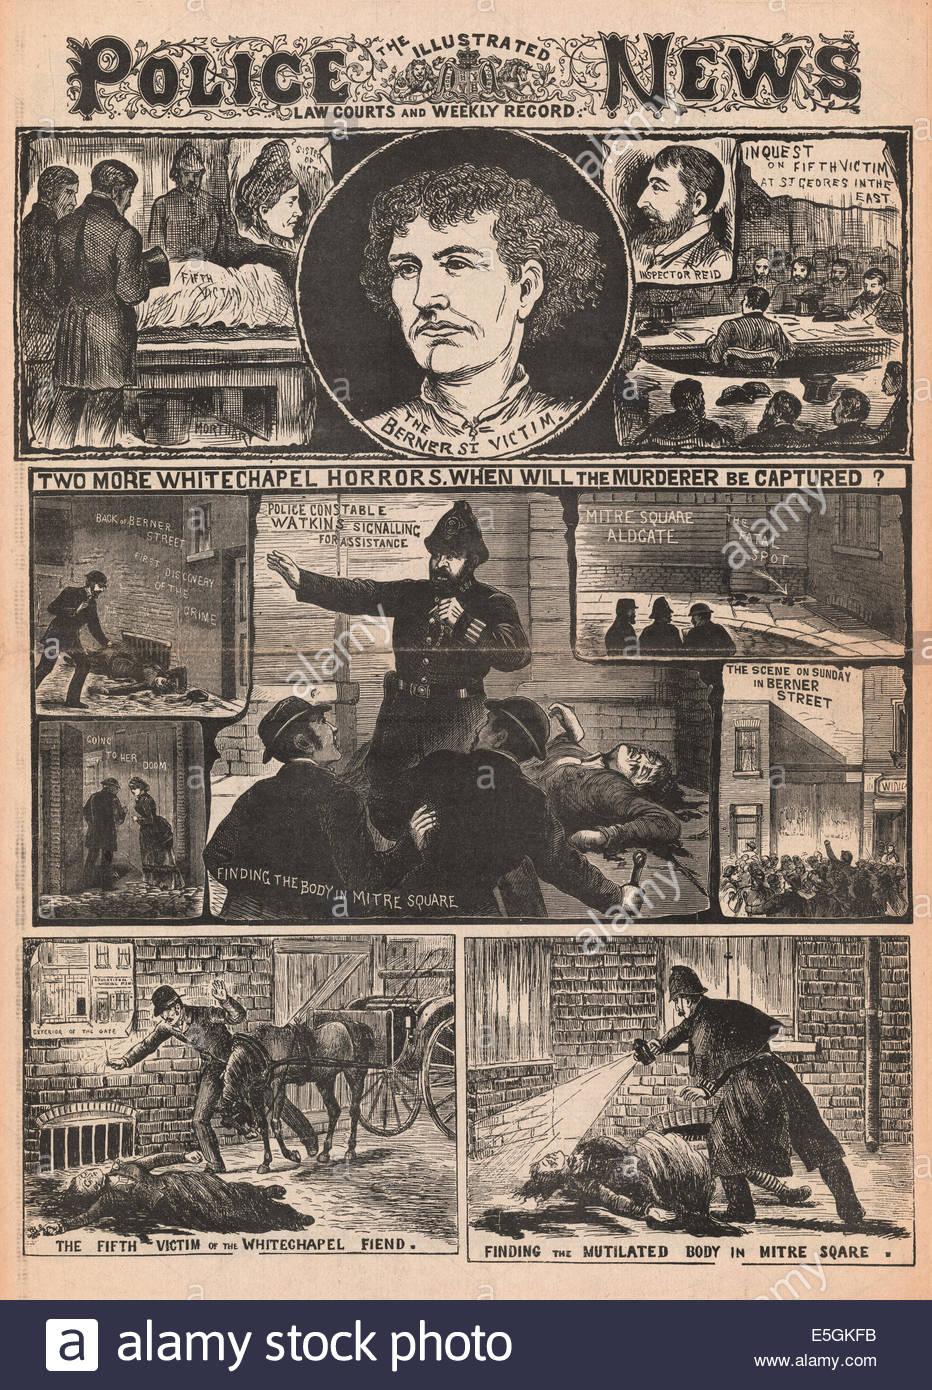 Des crimes qui font la une du Illustrated Police News en 1888